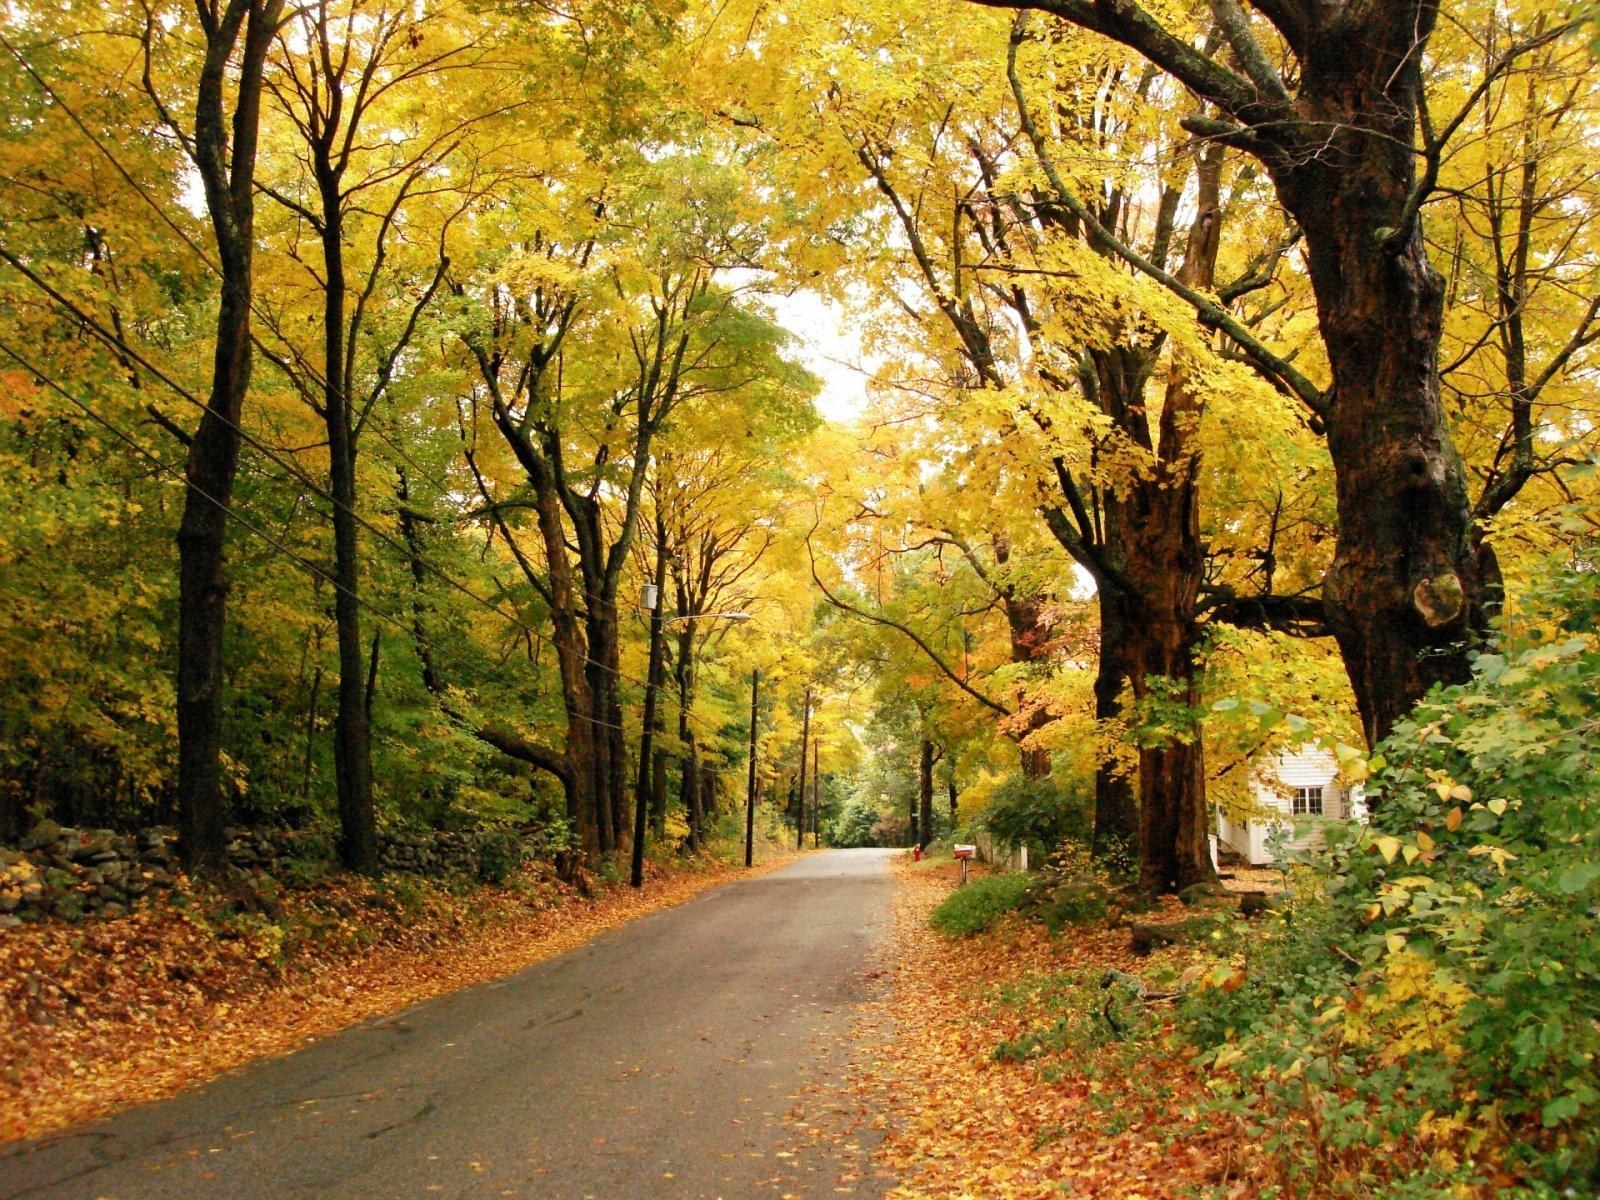 autumn season wallpapers hd - photo #44